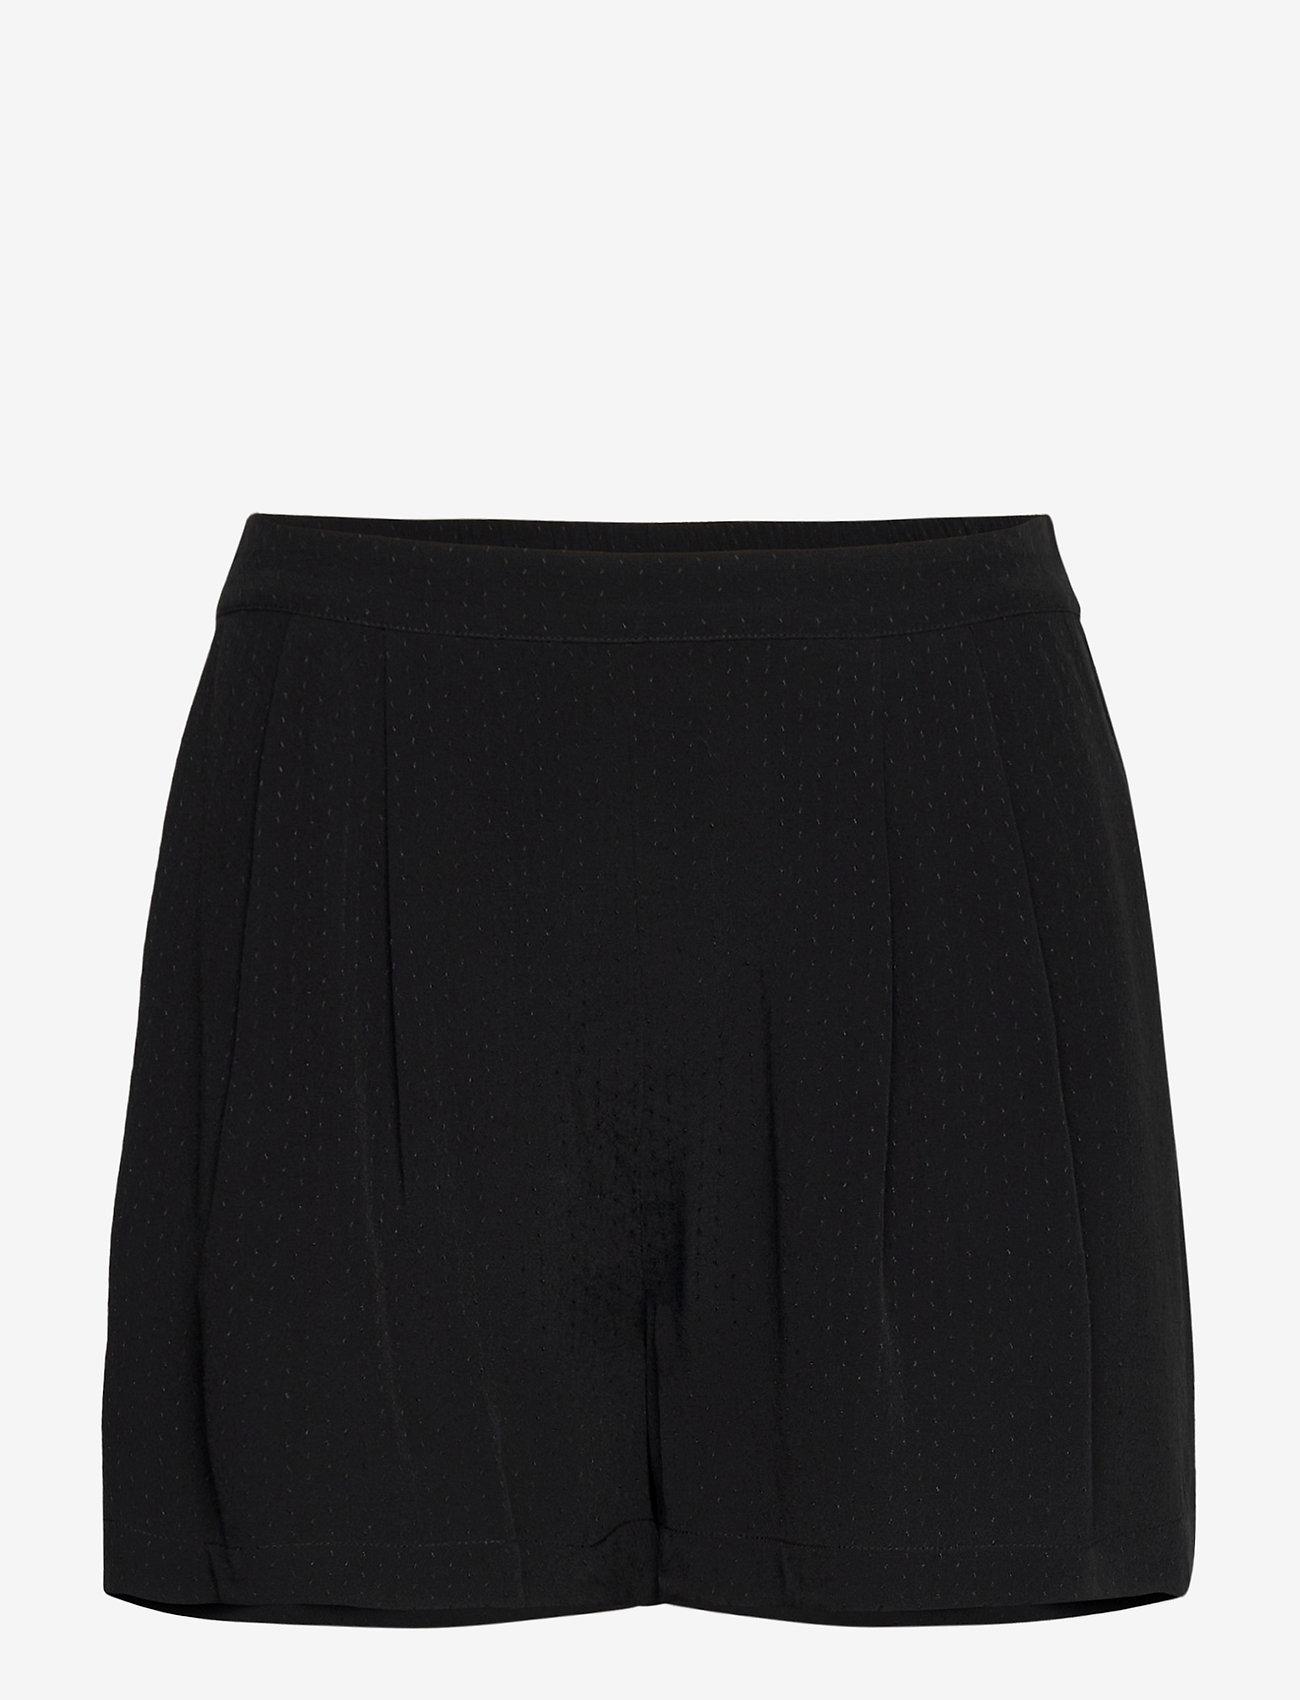 Samsøe Samsøe - Ganda shorts 10458 - casual shorts - black - 0